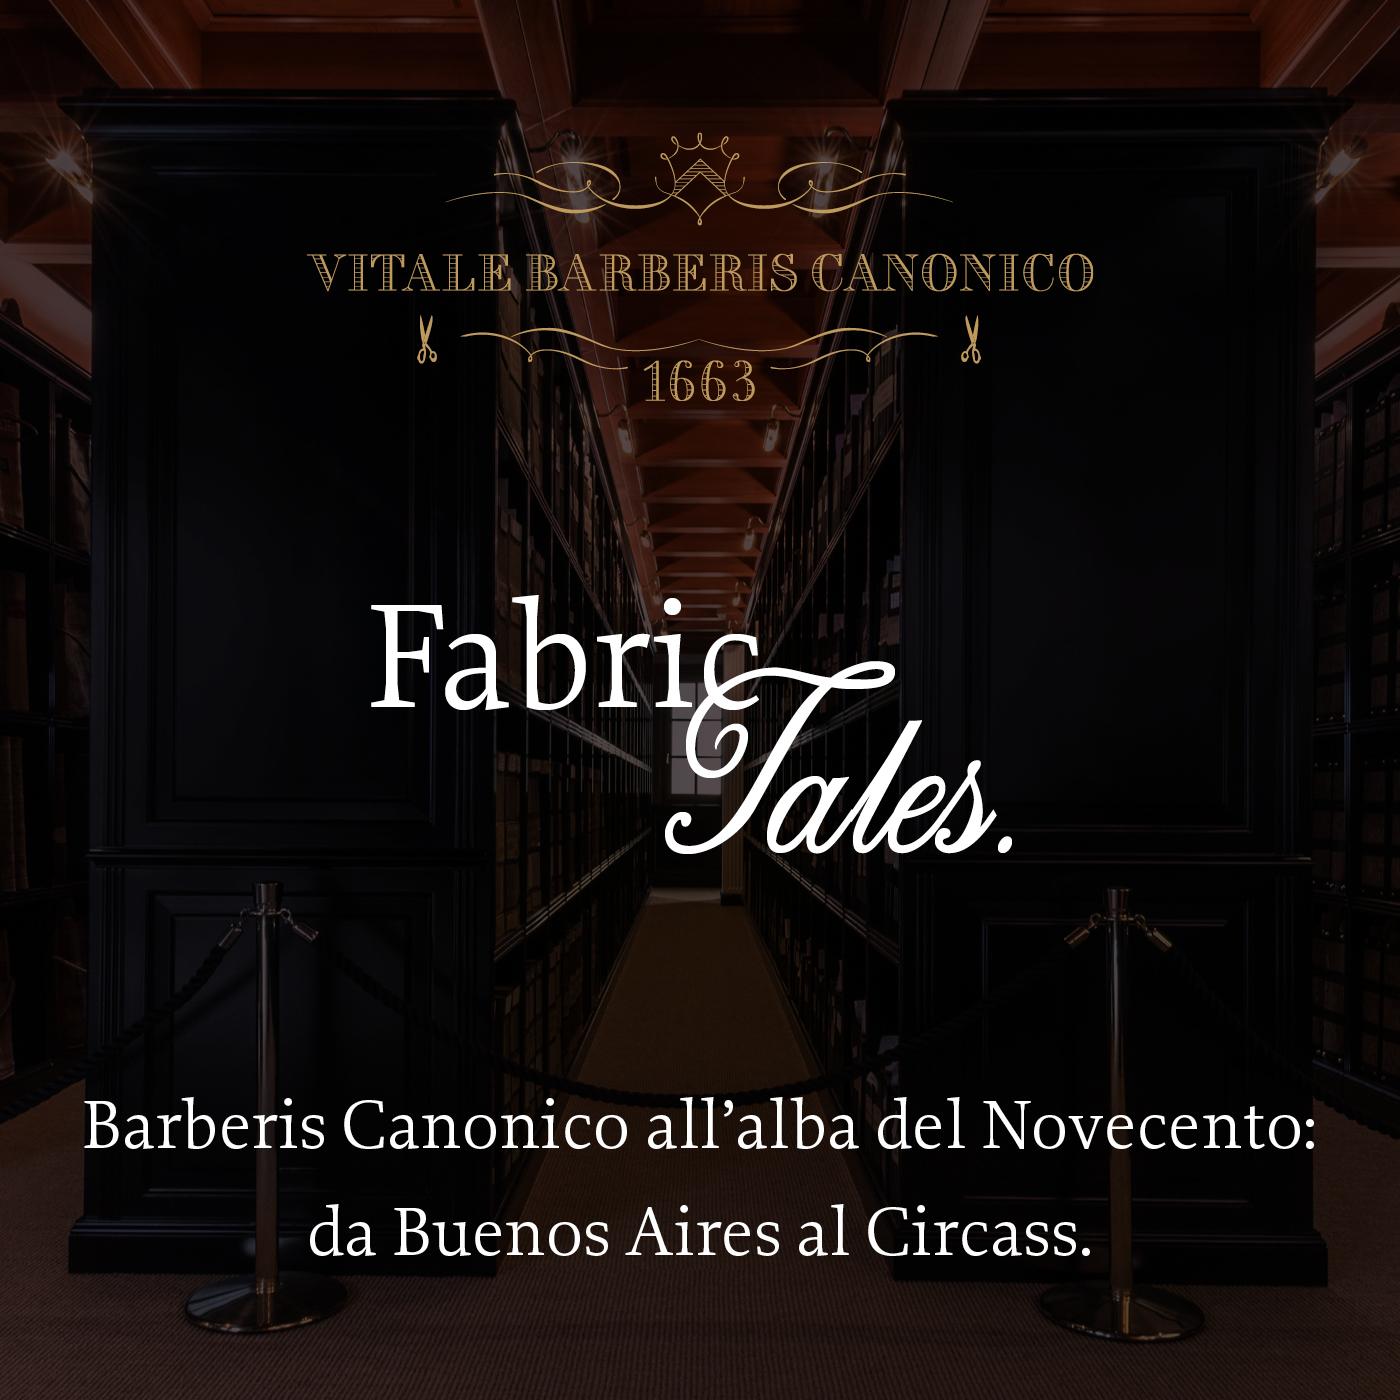 Barberis Canonico all'alba del Novecento: da Buenos Aires al Circass